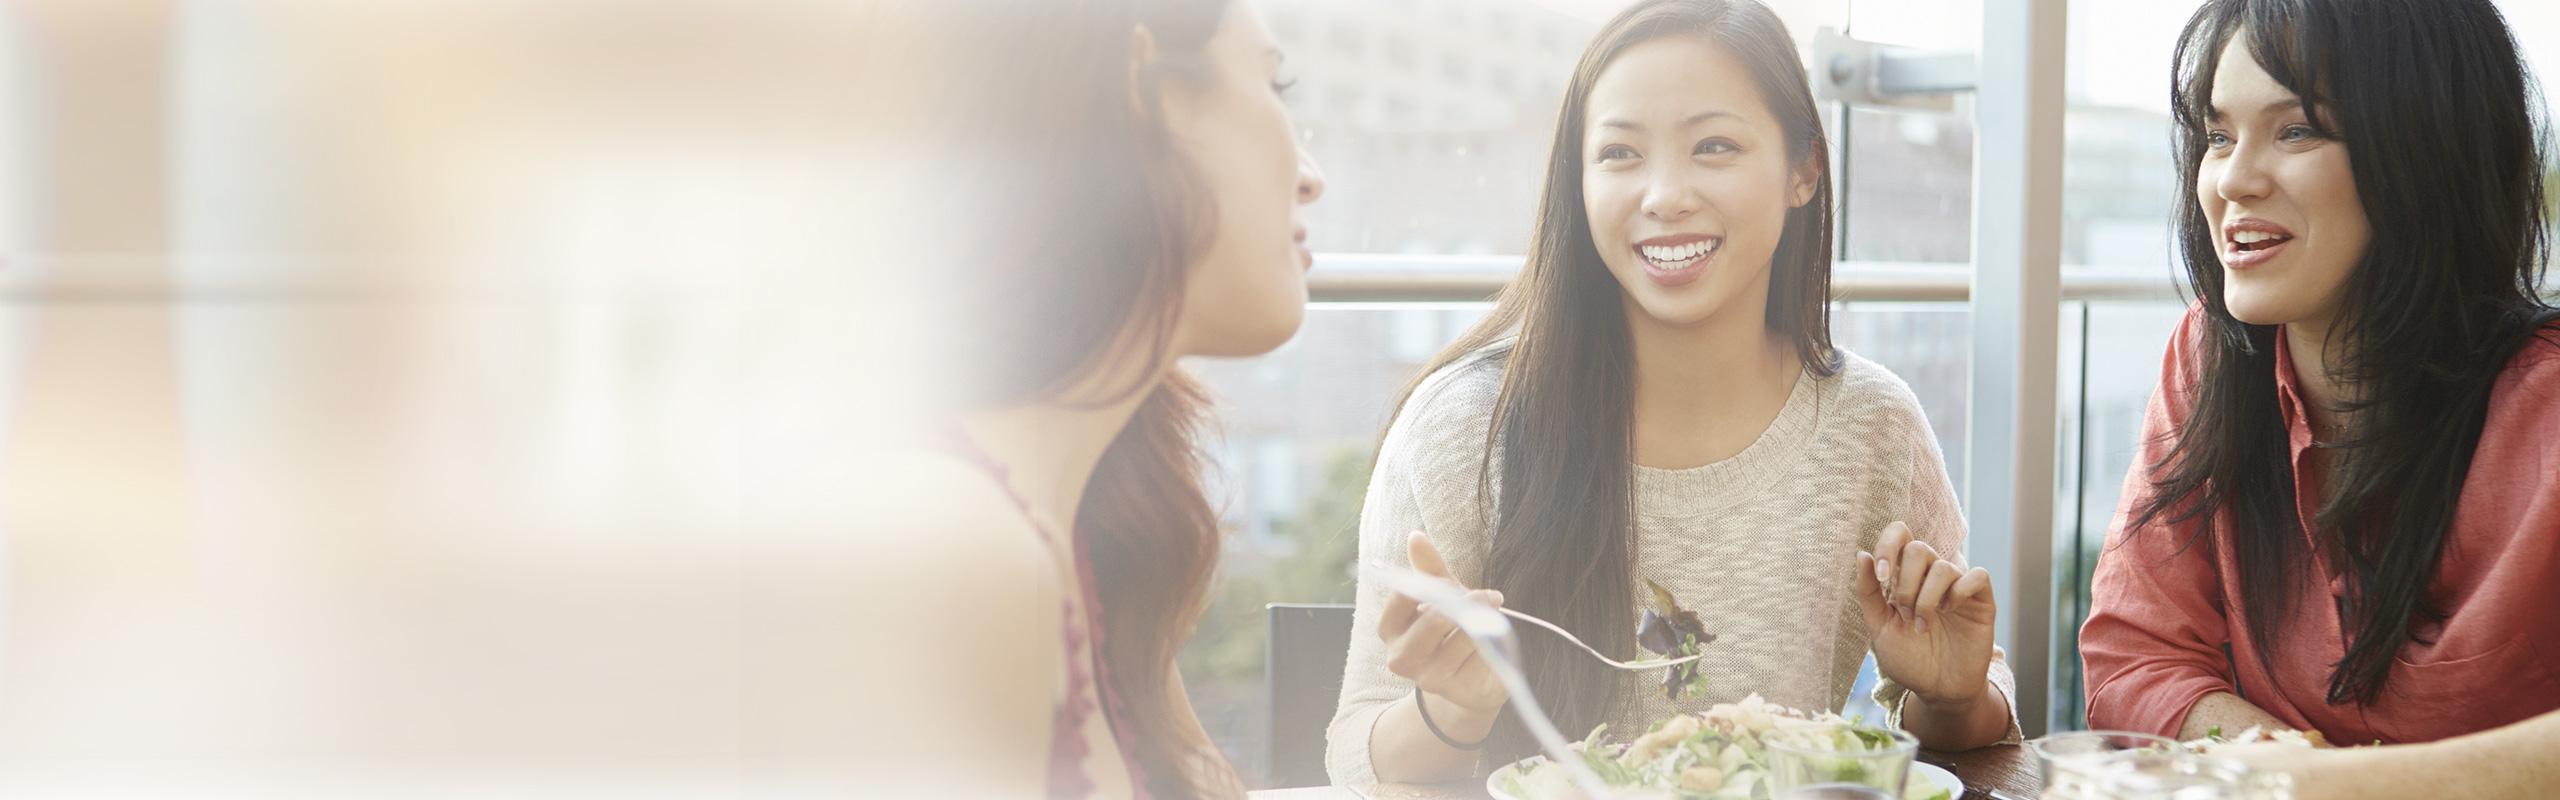 BRITA dystrybutory wody restauracje znajomi jedzą